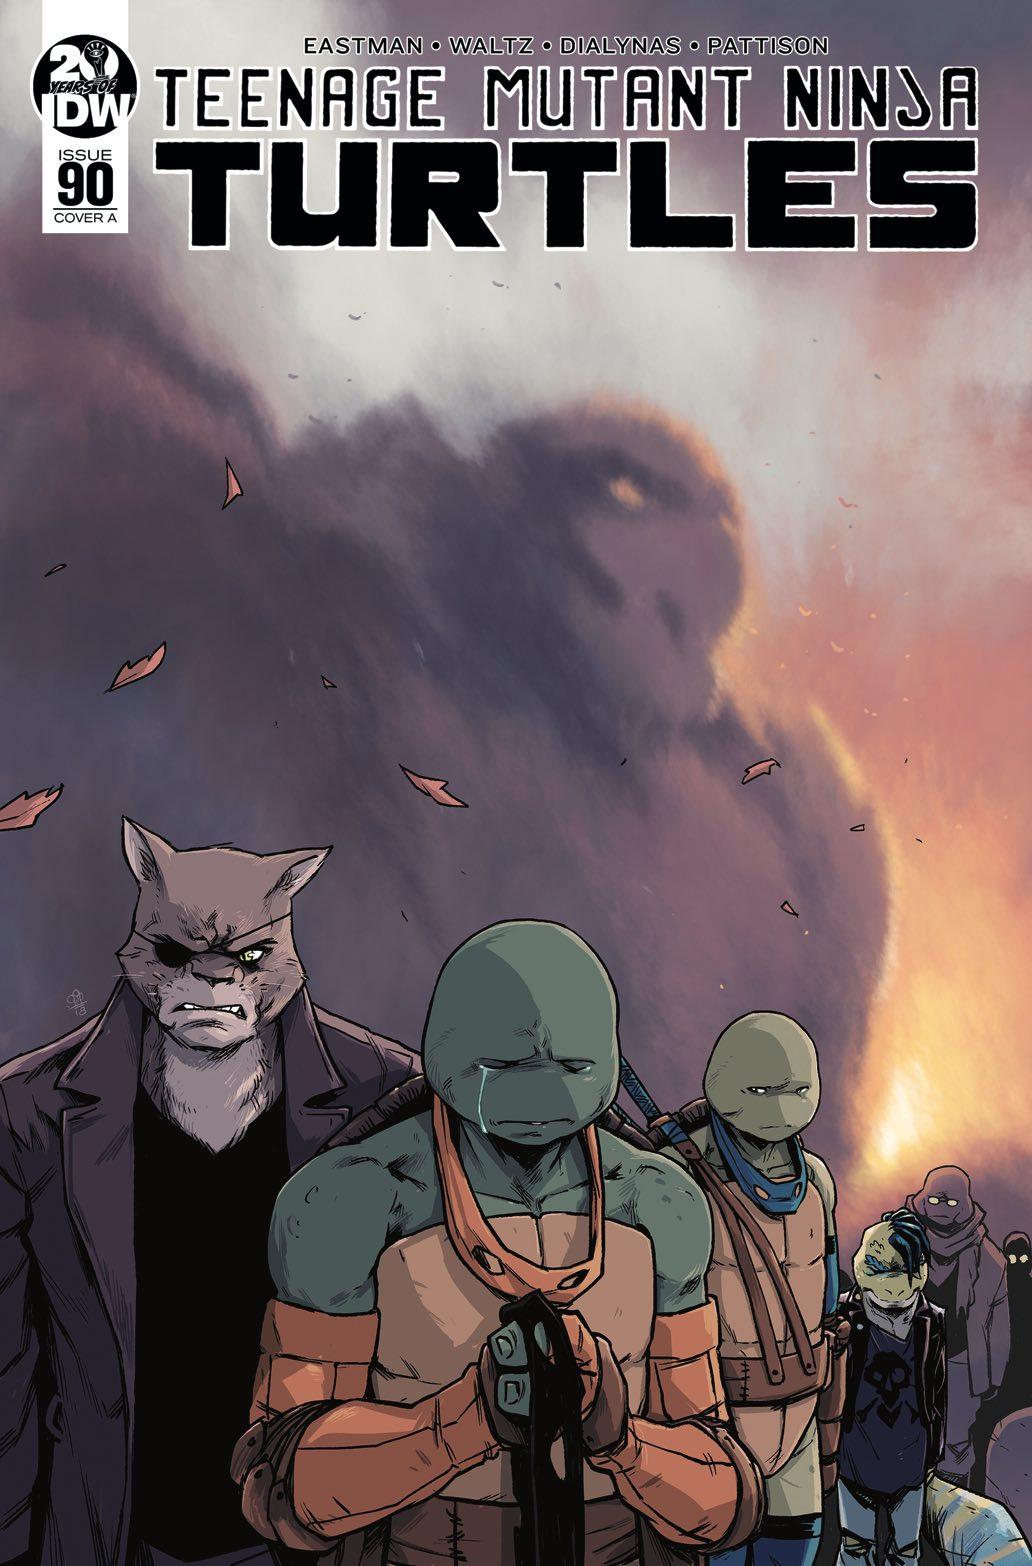 Teenage Mutant Ninja Turtles #90, IDW Publishing